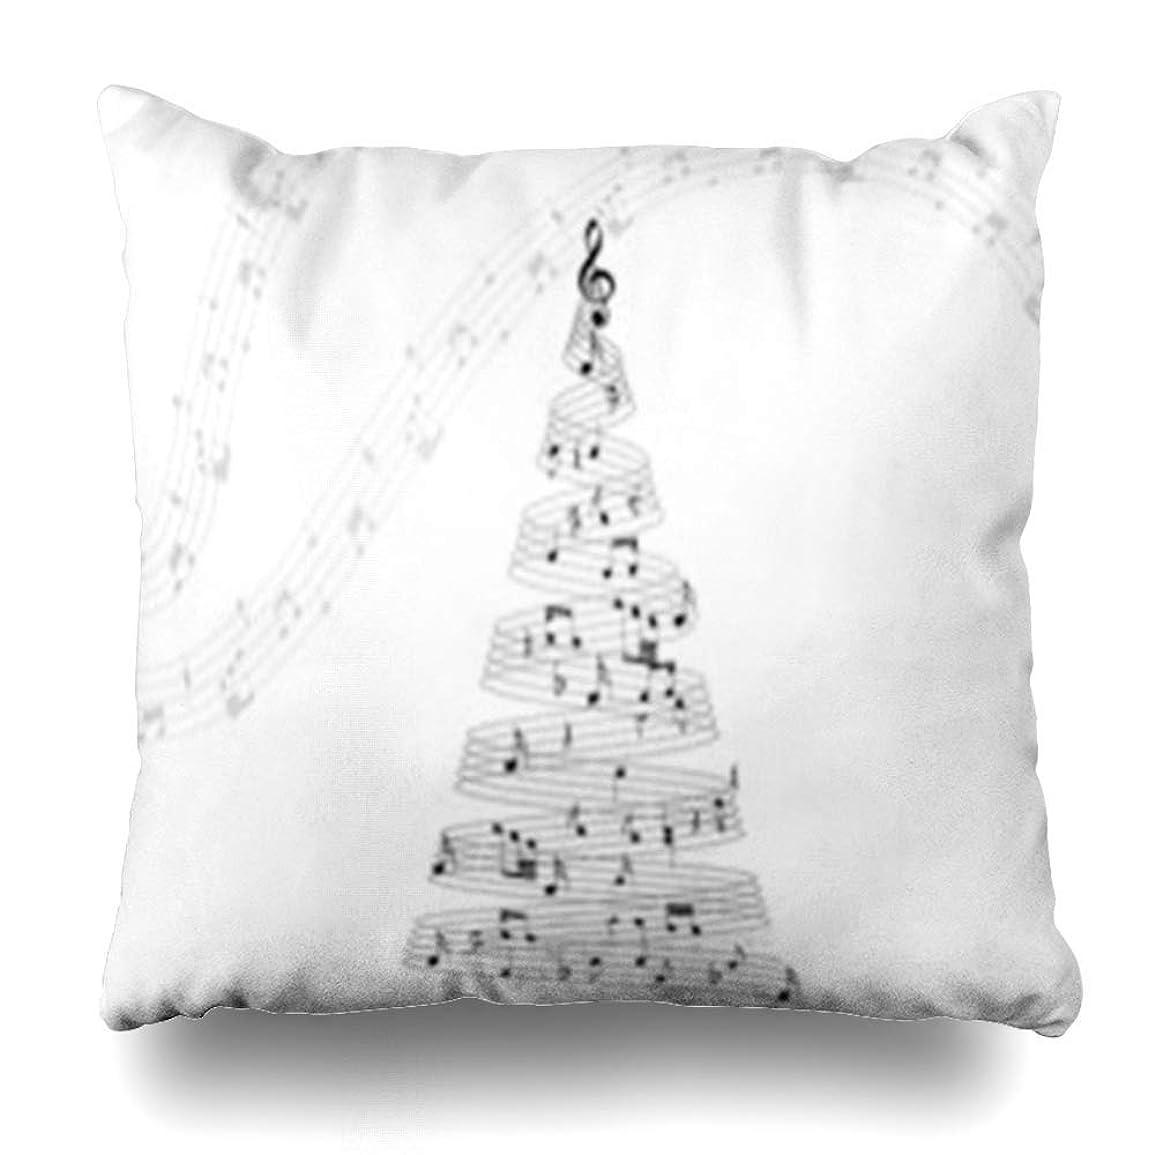 バー屈辱するより平らなスロー枕カバーブルーブルーラグジュアリークリスマススノーフレークパターン抽象的な形シルバーお祝い色フレークデザインホームデコレーションクッションケーススクエア18 * 18インチ装飾ソファピローケース